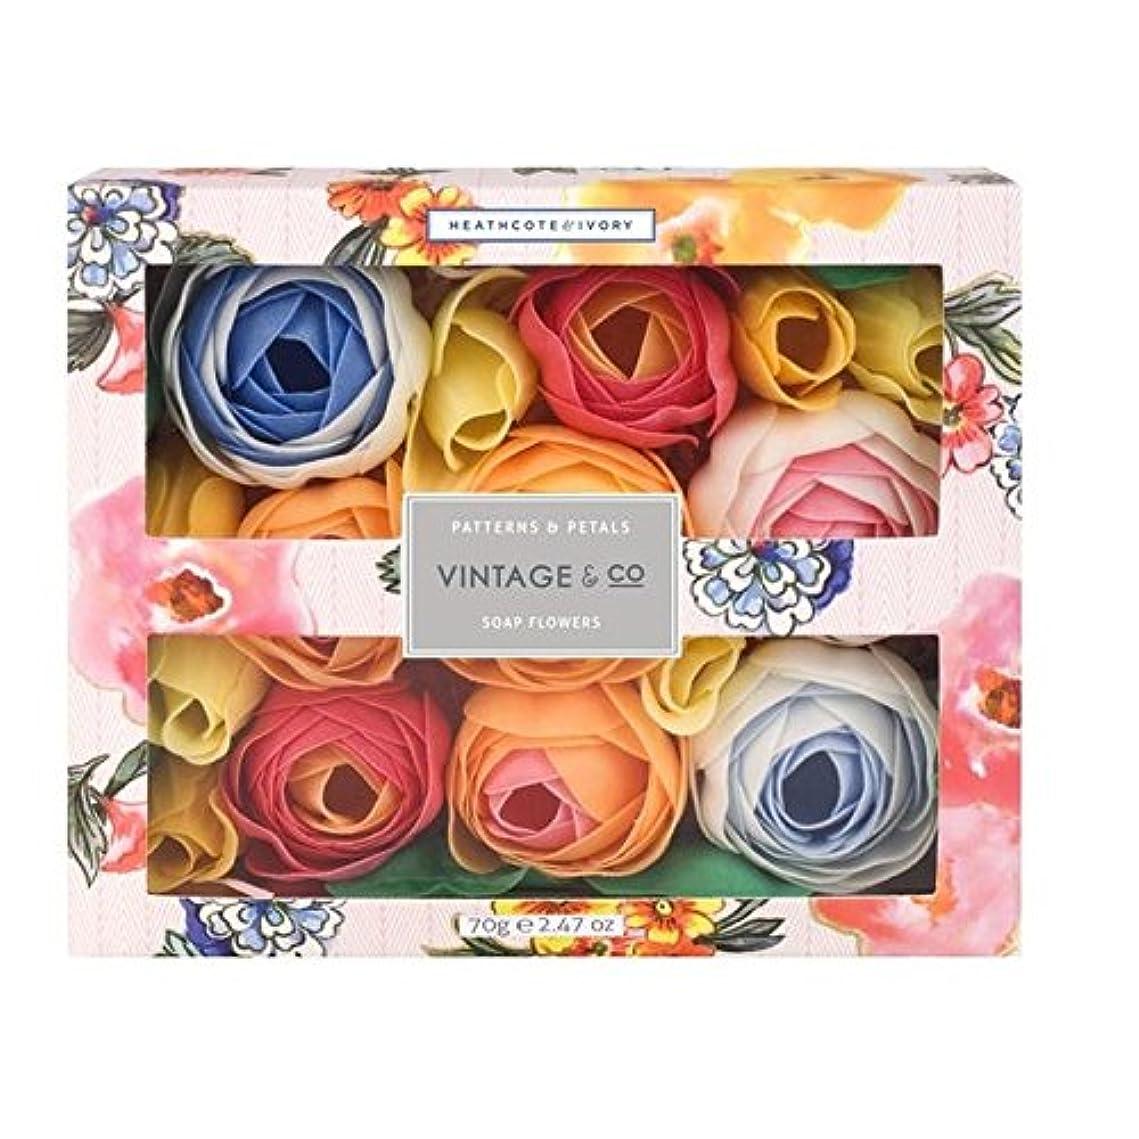 四回スイングはさみヒースコート&アイボリーパターン&花びら石鹸の花70グラム x4 - Heathcote & Ivory Patterns & Petals Soap Flowers 70g (Pack of 4) [並行輸入品]